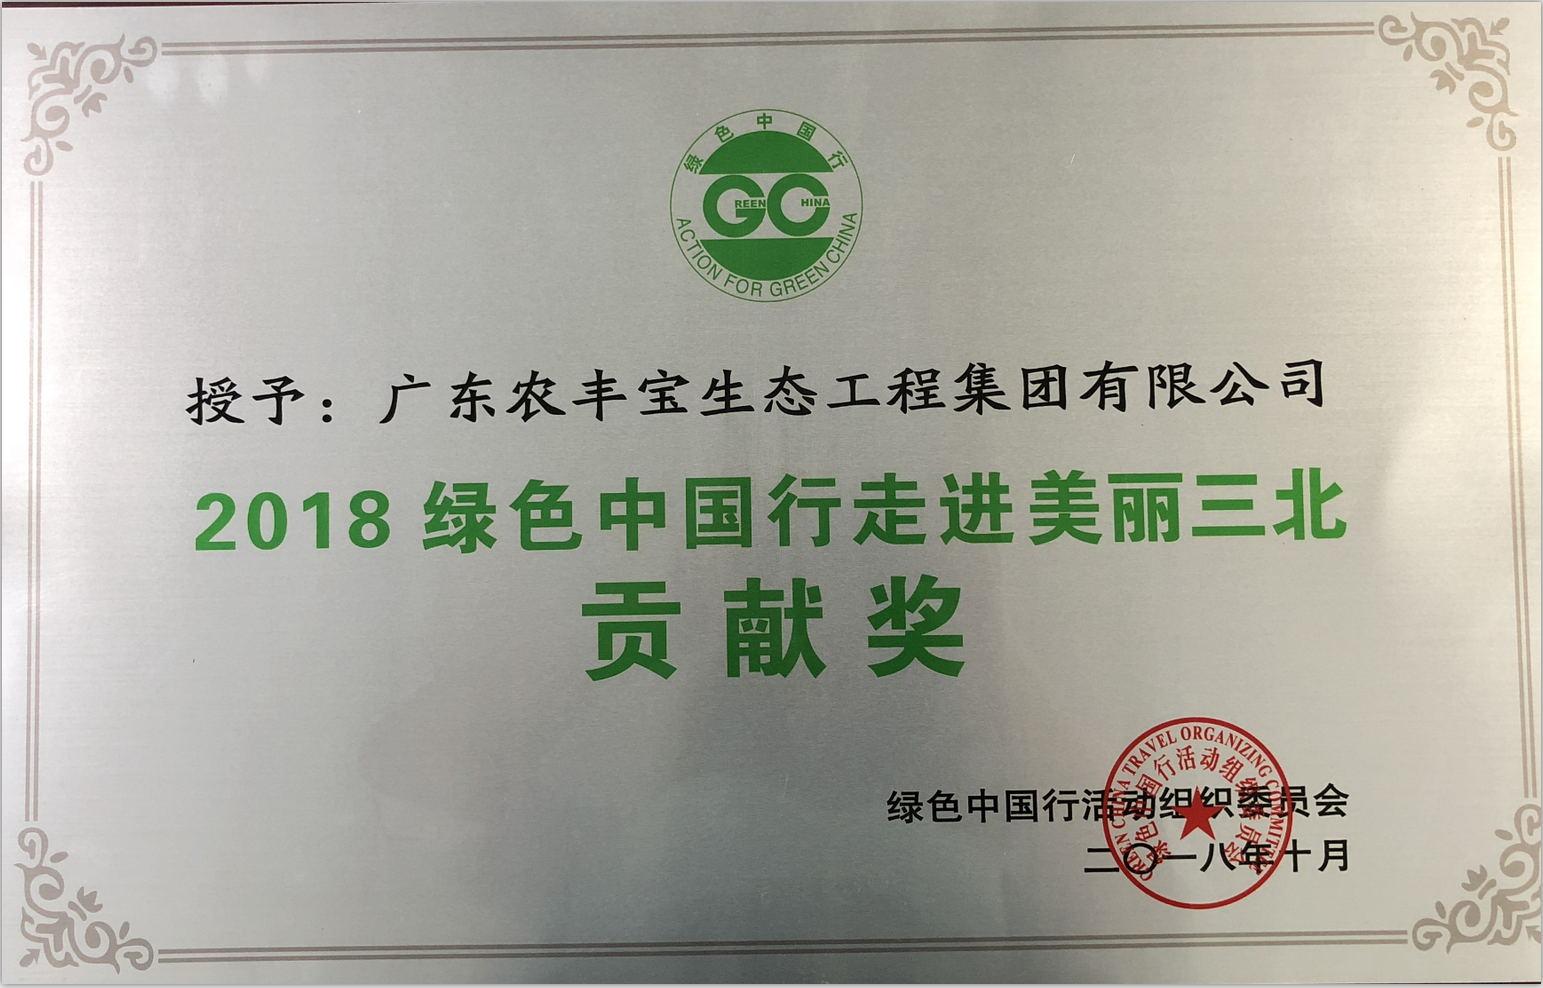 2018绿色中国行走进美丽三北贡献奖